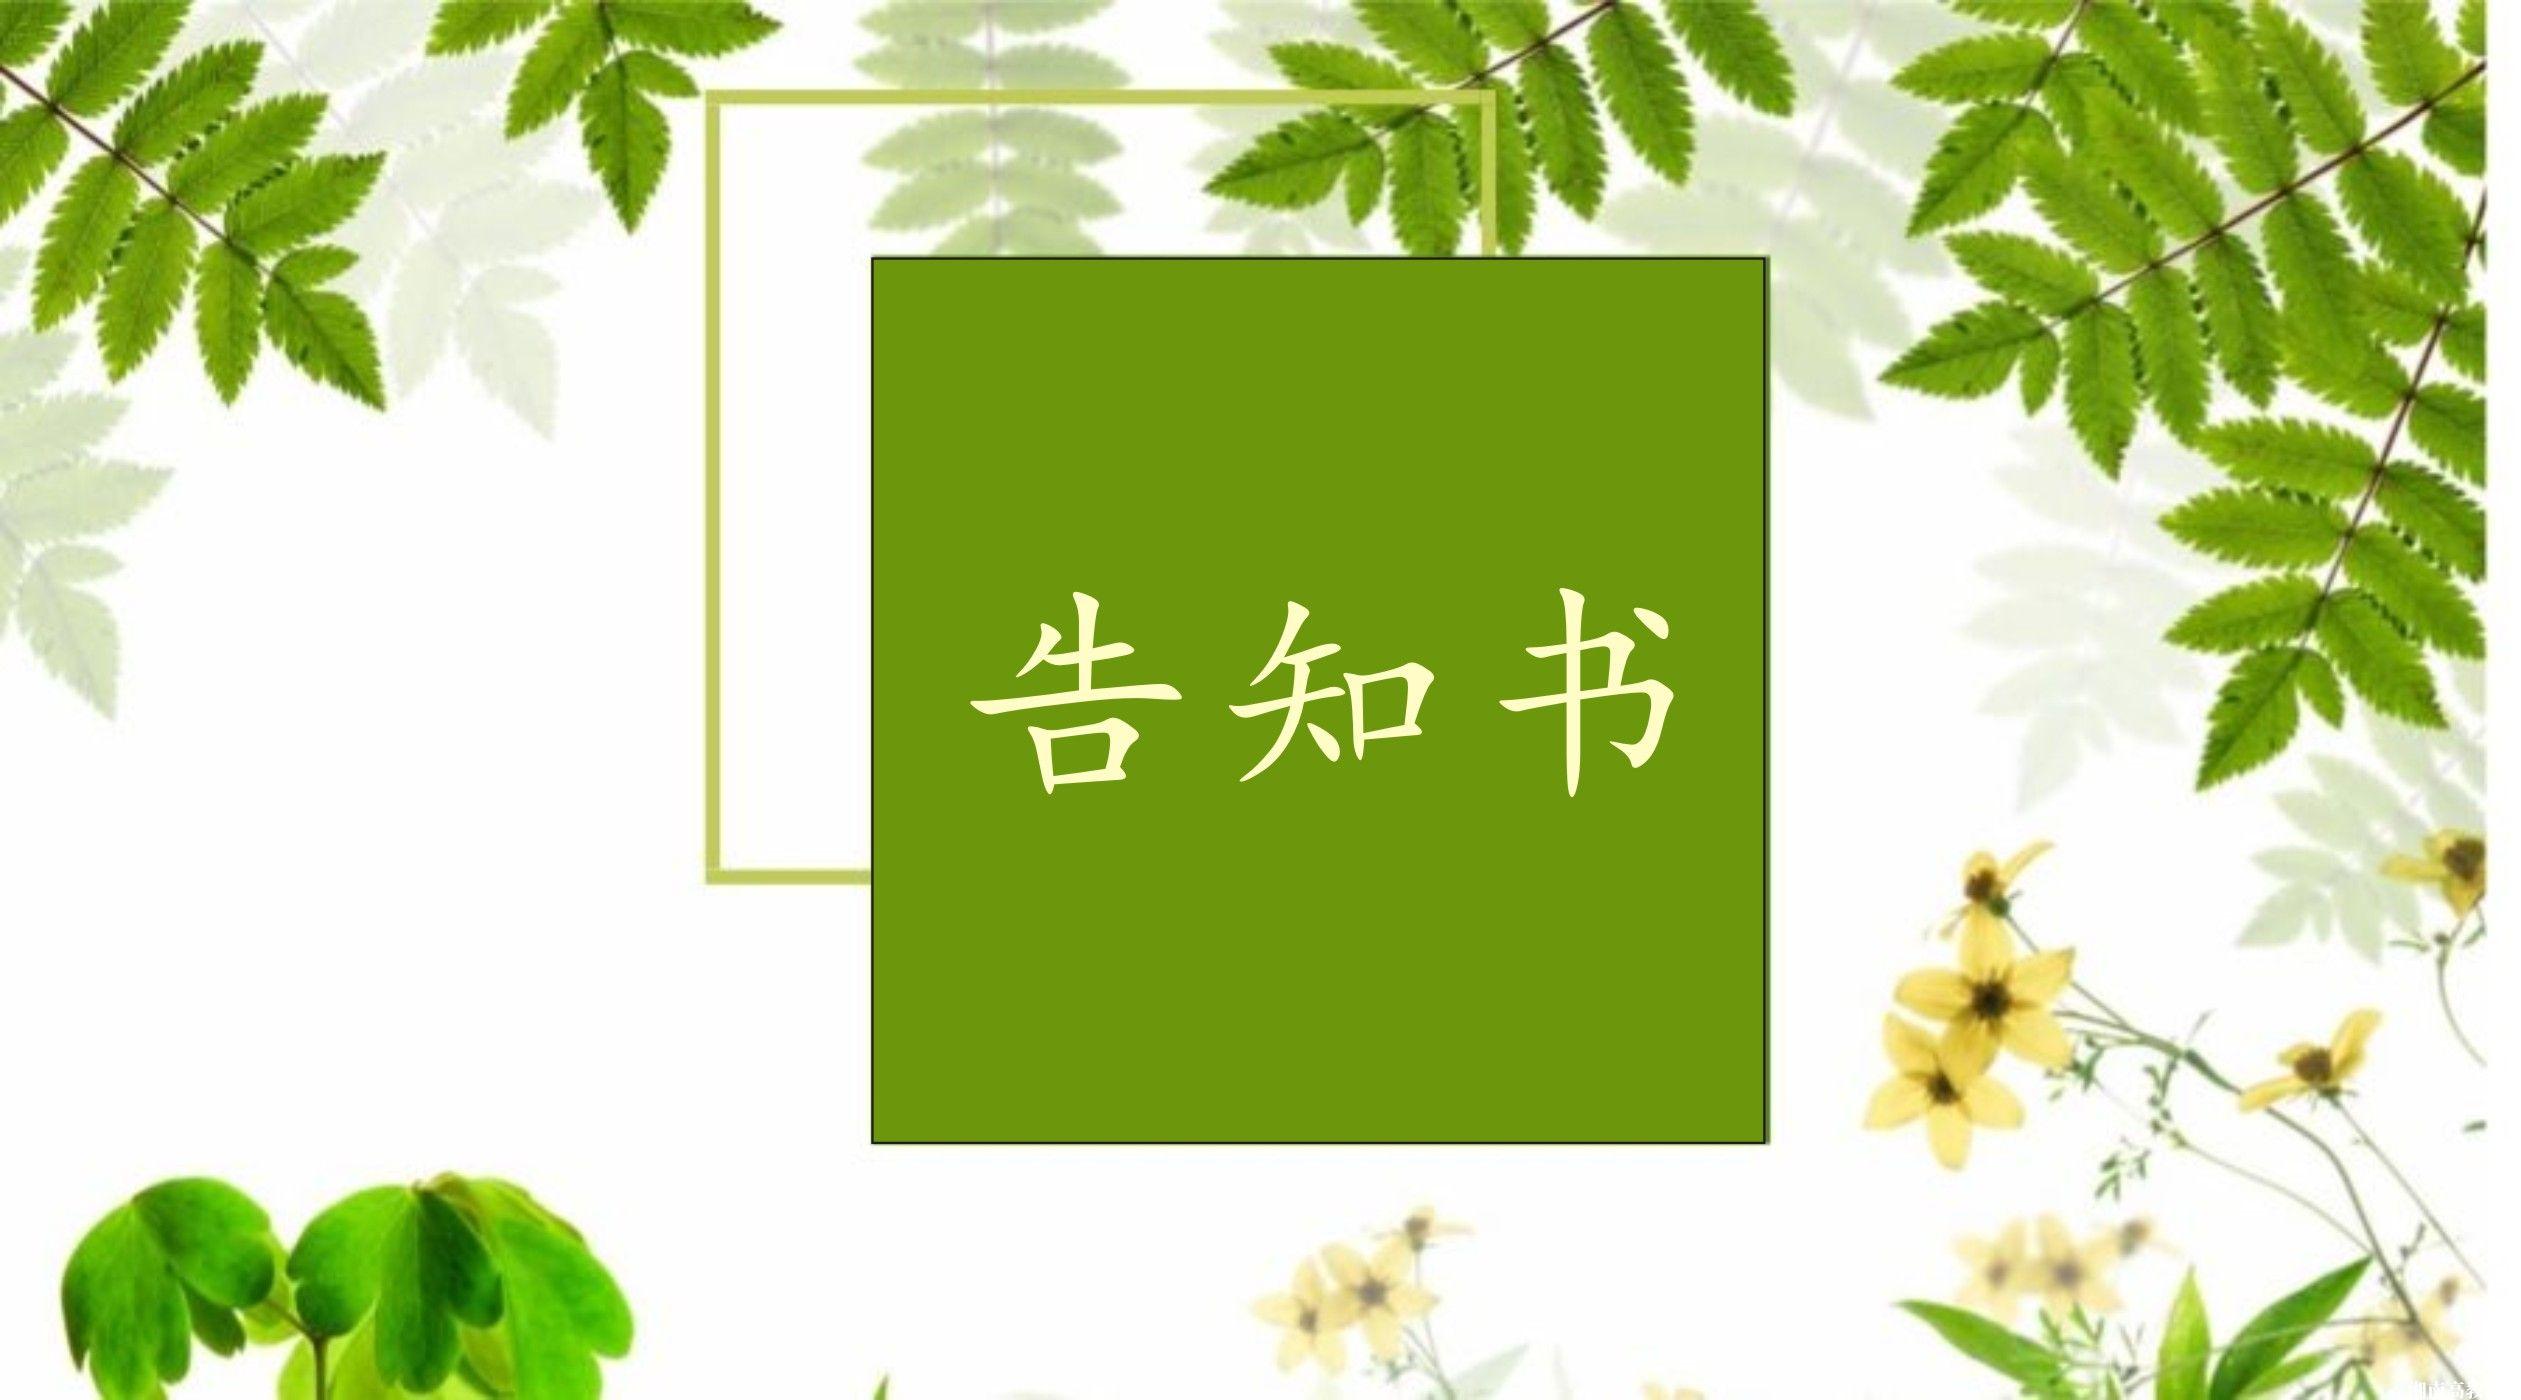 湖南省2020年成人高考 考生平安应考告知书